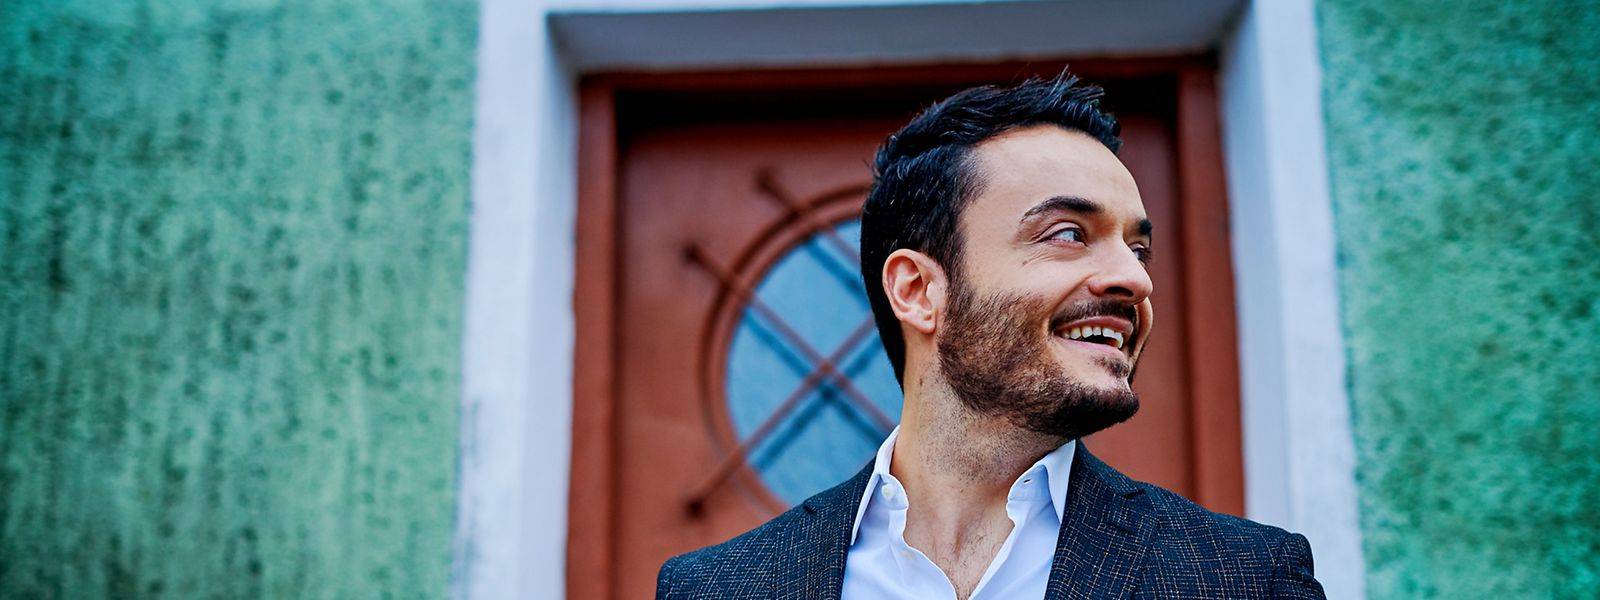 Bereits früh trat Giovanni Zarrella bei Stadtfesten, Talentwettbewerben und Geburtstagen auf, später war er Teil der Band Bro'Sis. Seit 2019 startet er wieder als Solokünstler durch.